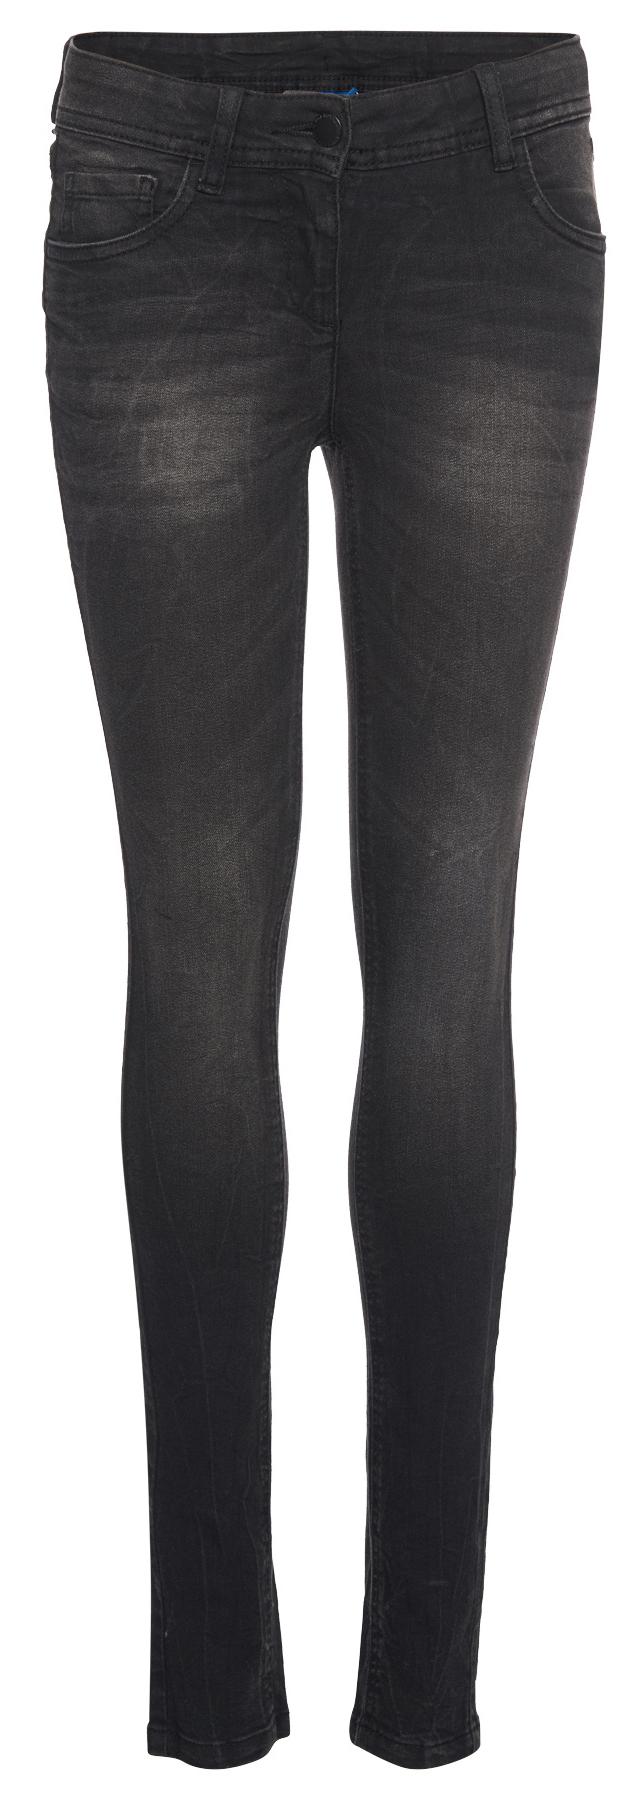 Джинсы для девочки Tom Tailor, цвет: черный. 6205769.09.40. Размер 1706205769.09.40Джинсы для девочки от Tom Tailor выполнены из эластичного хлопка. Модель зауженного кроя в поясе застегивается на пуговицу, имеются ширинка и шлевки для ремня. Джинсы имеют классический пятикарманный крой: спереди – два втачных кармана и один маленький кармашек, сзади - два накладных кармана.